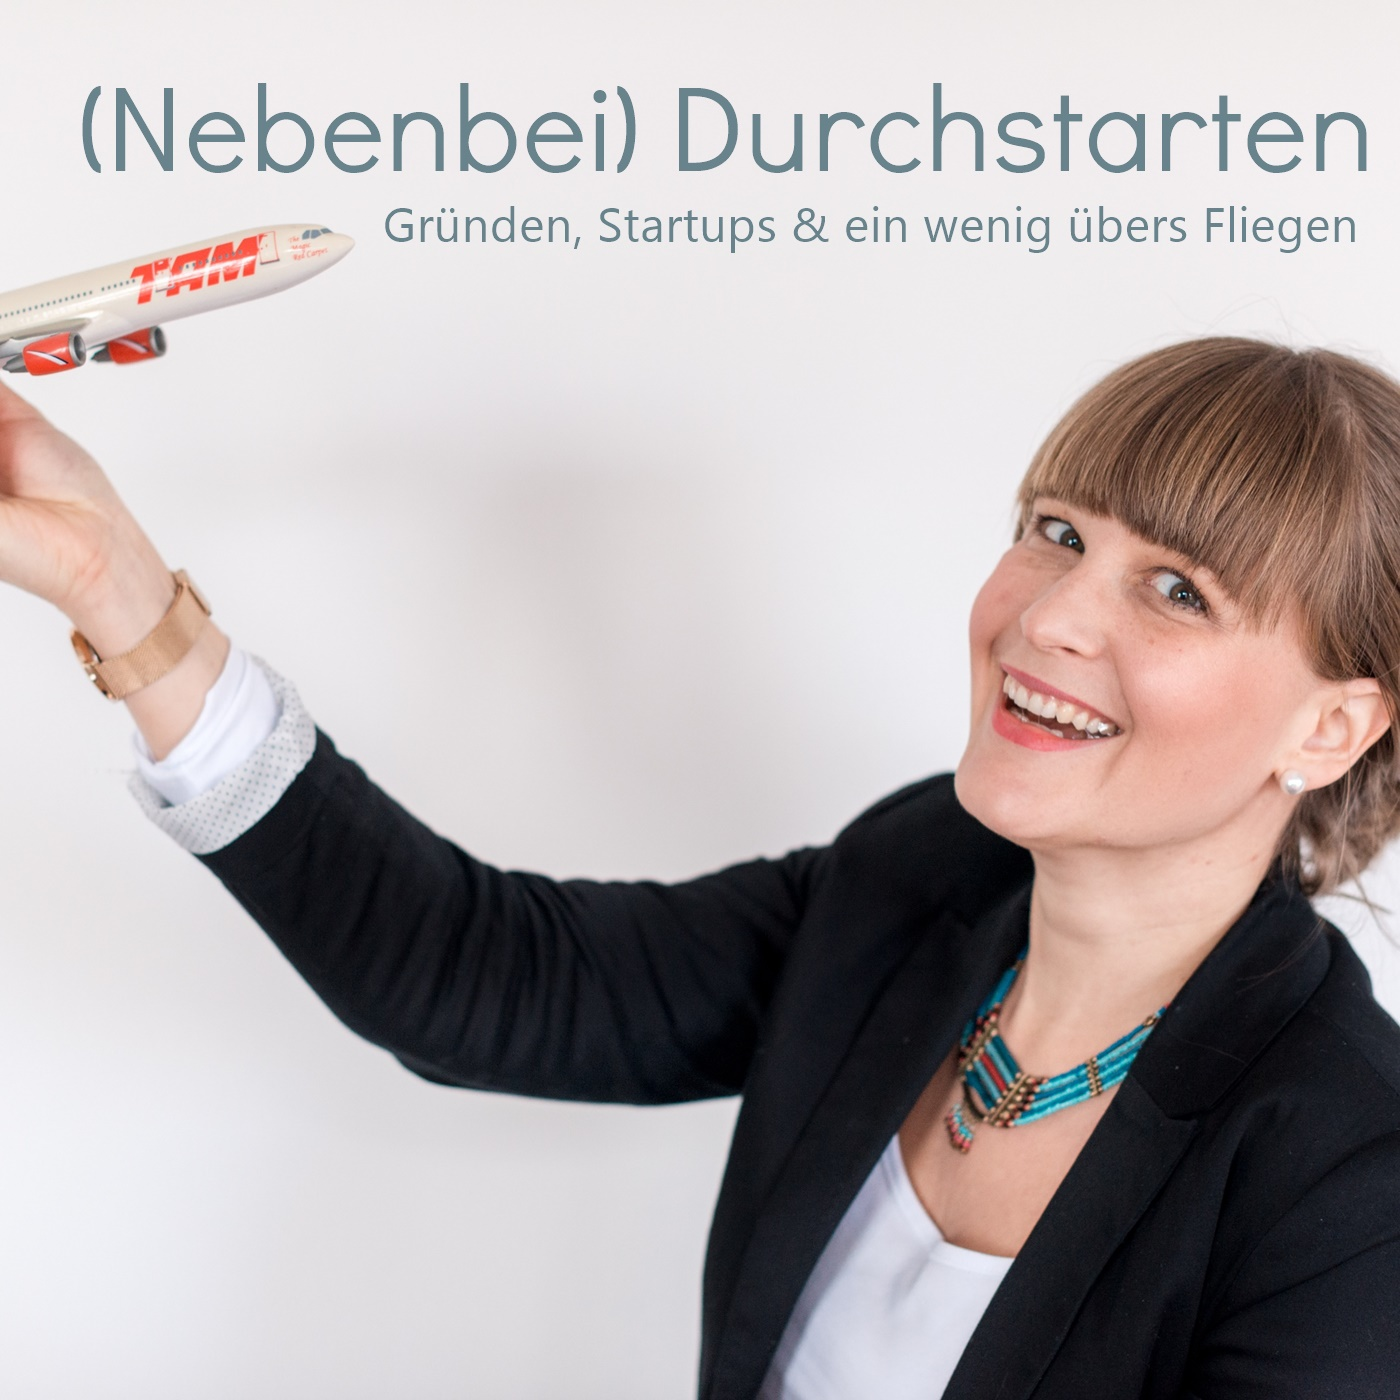 (Nebenbei) Durchstarten - Gründen, Startup & Fliegen!